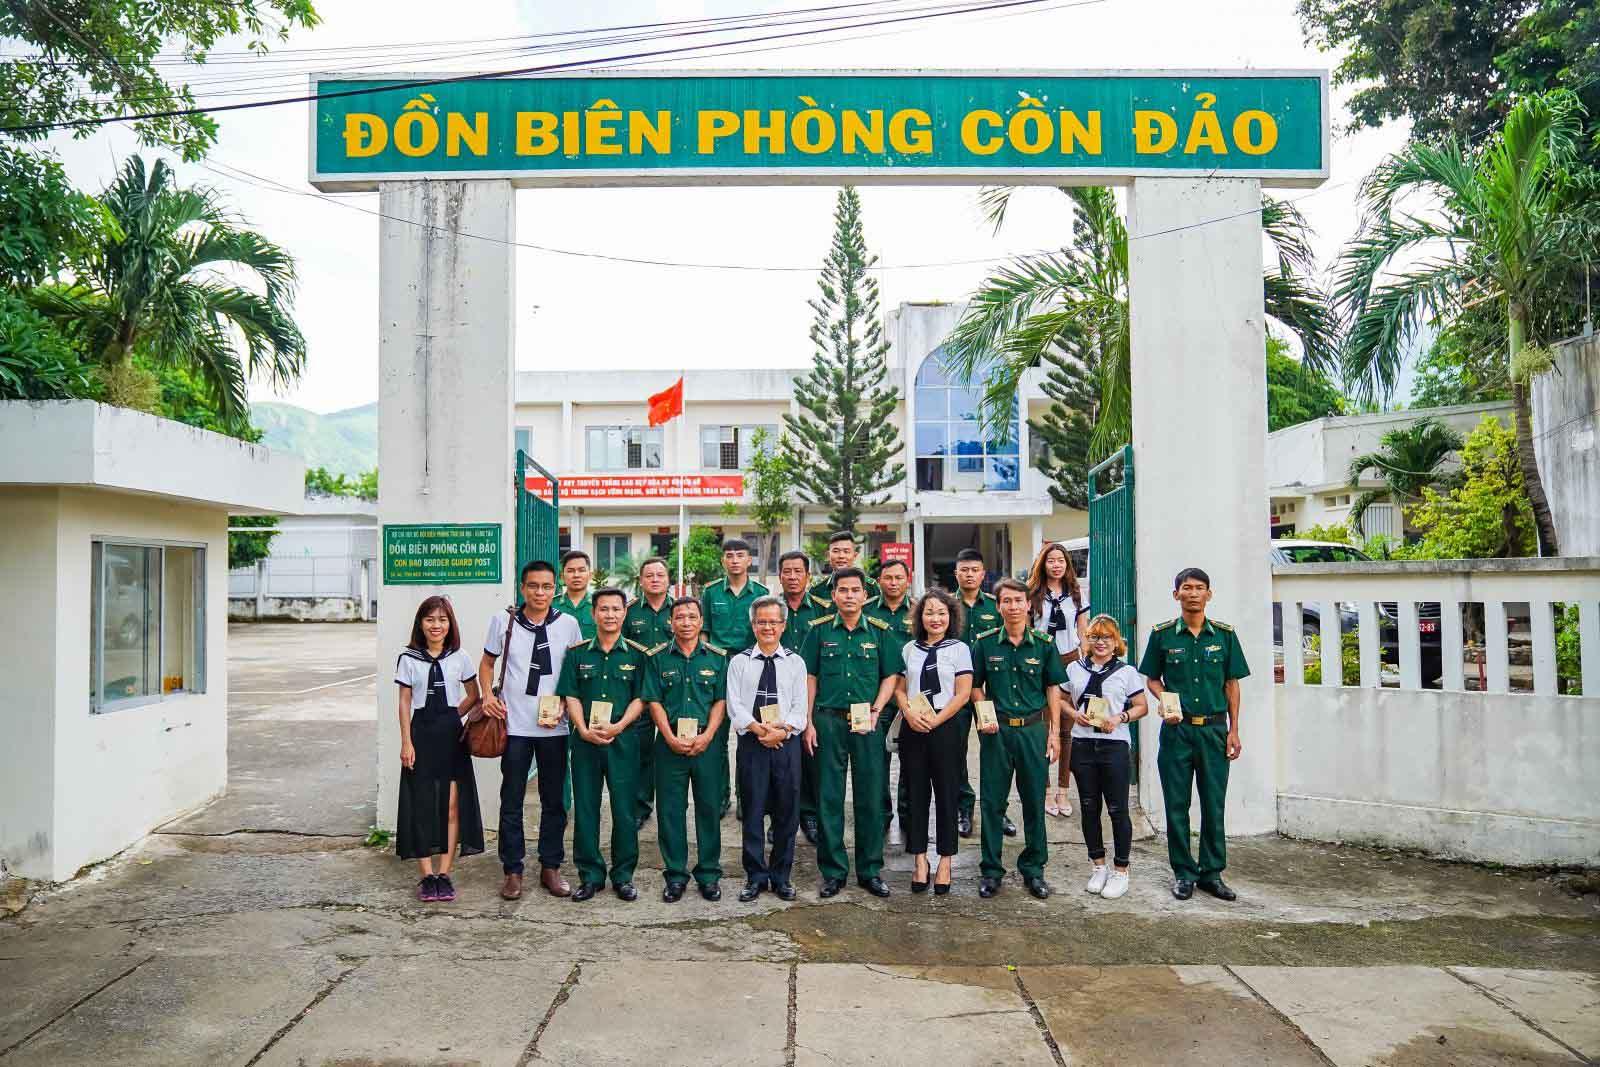 Sách quý đến với cán bộ, chiến sĩ, thanh niên và học sinh huyện Côn Đảo